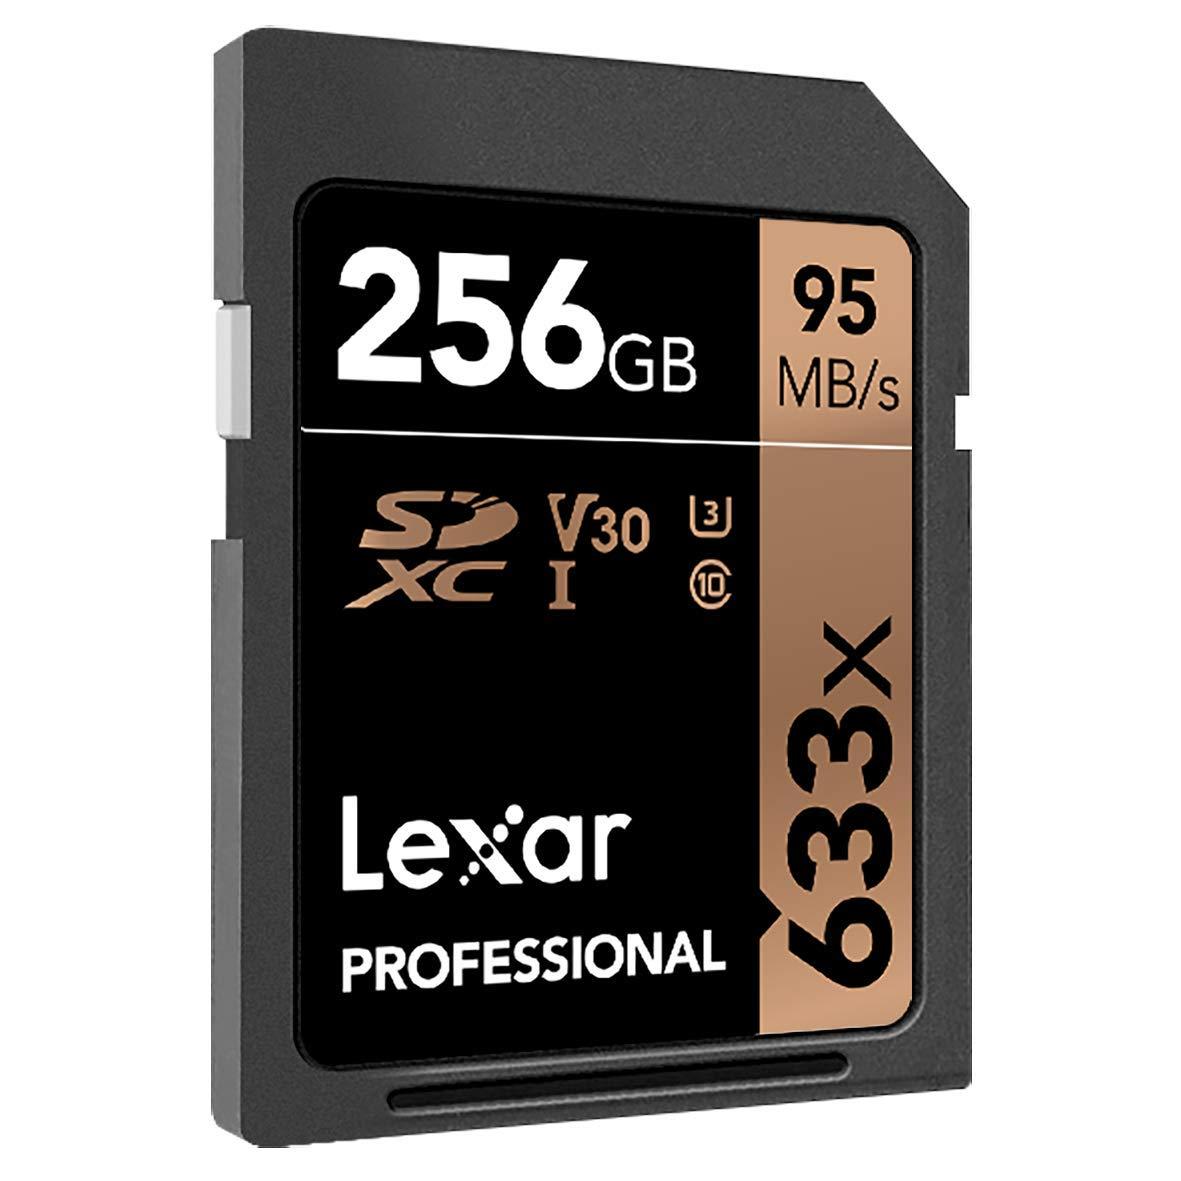 Lexar Professional 633x - Tarjeta de memoria de 256 GB (SDXC, UHS-I)